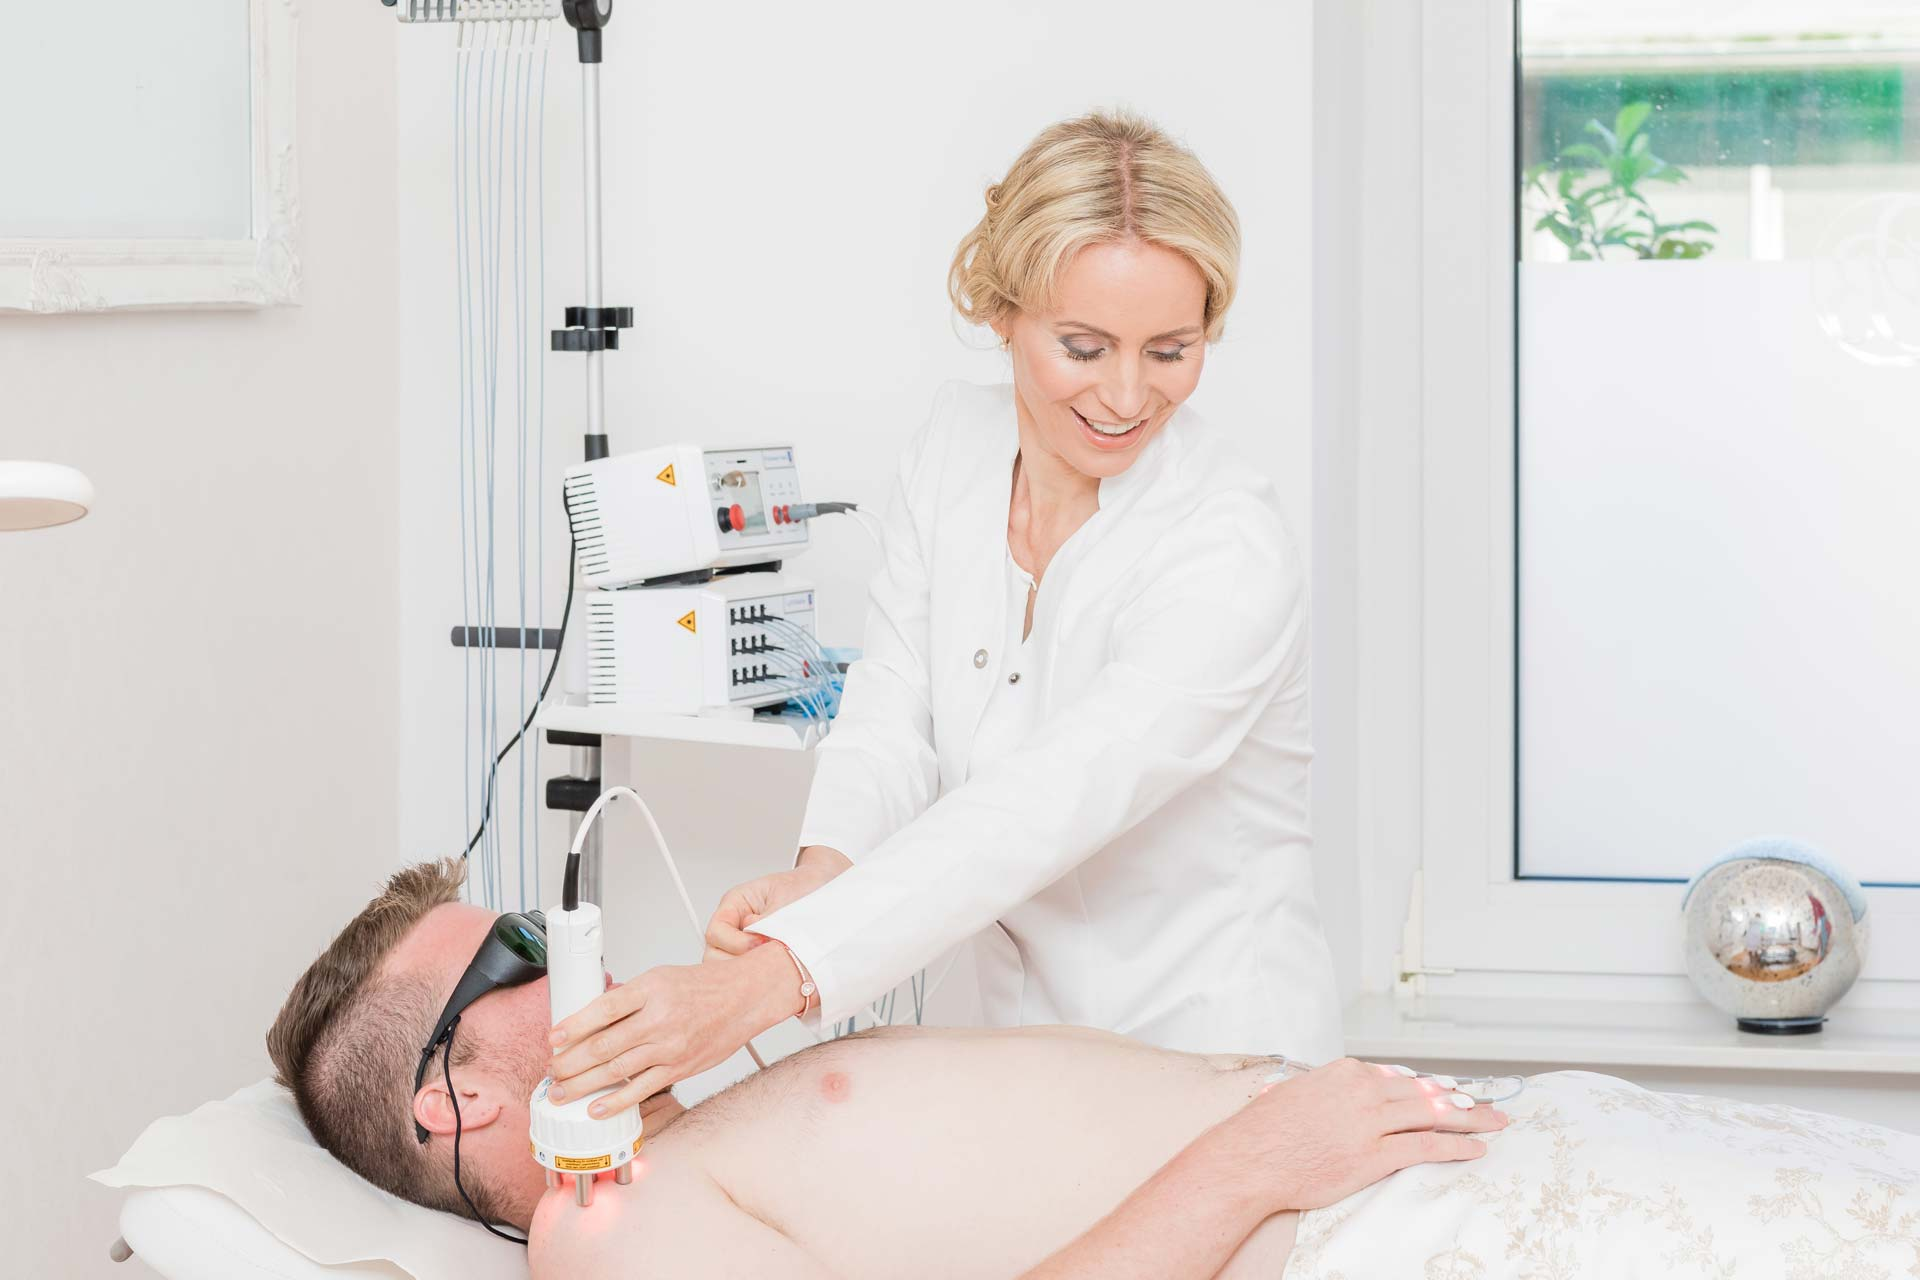 Privatarztpraxis Integrative Medizin – Softlaser – Photonen Therapie und Laserakupunktur in Braunschweig.